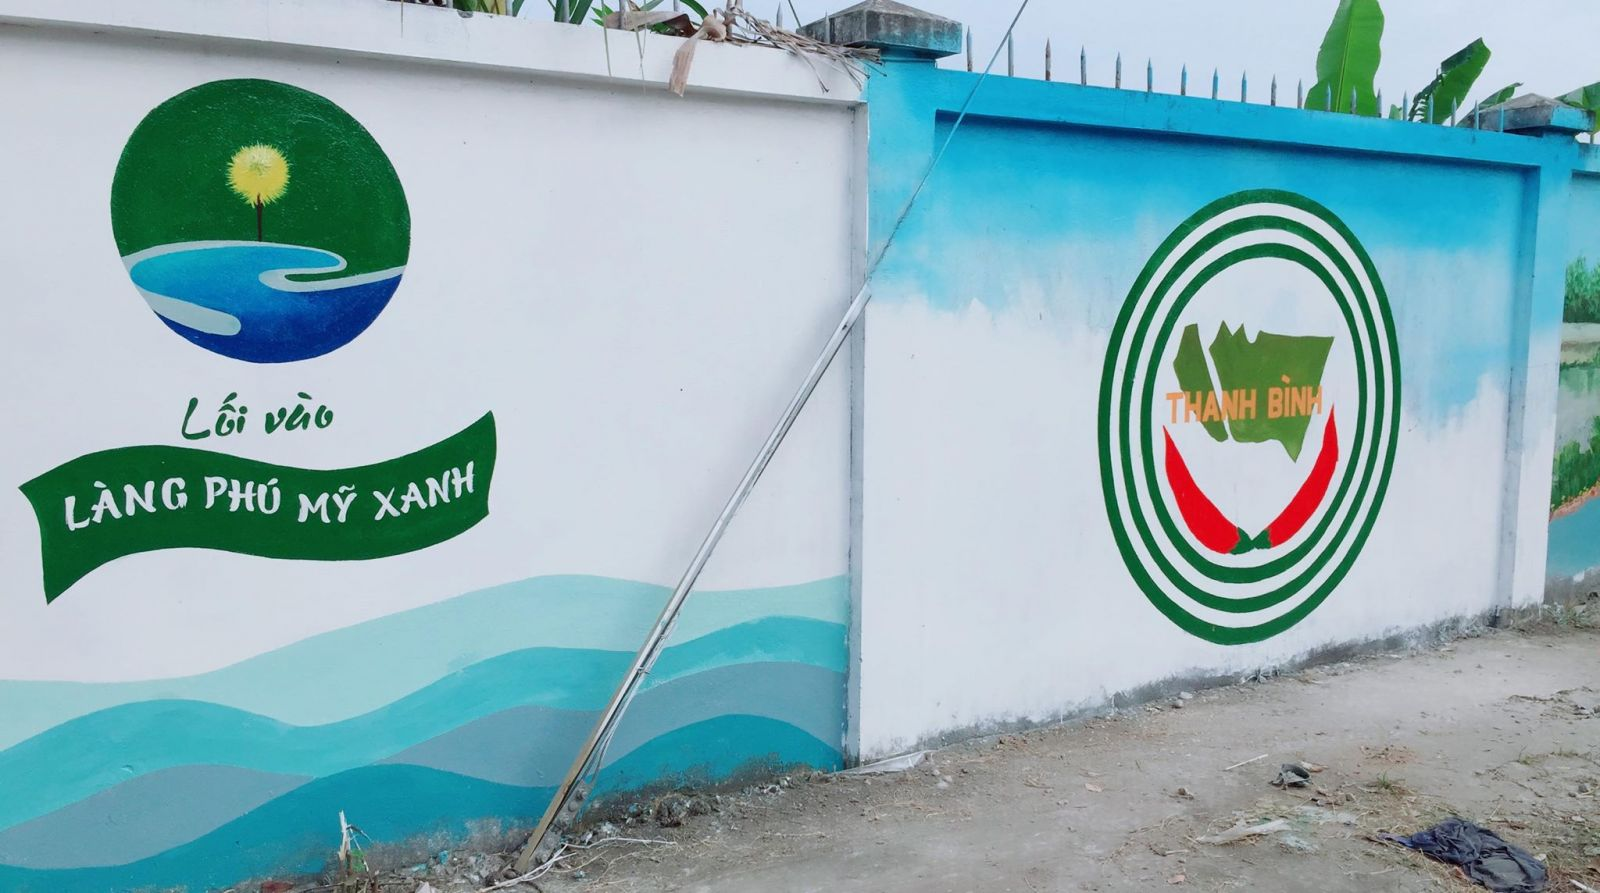 Tường tranh đẹp mắt trên đường vào cồn Phú Mỹ Xanh